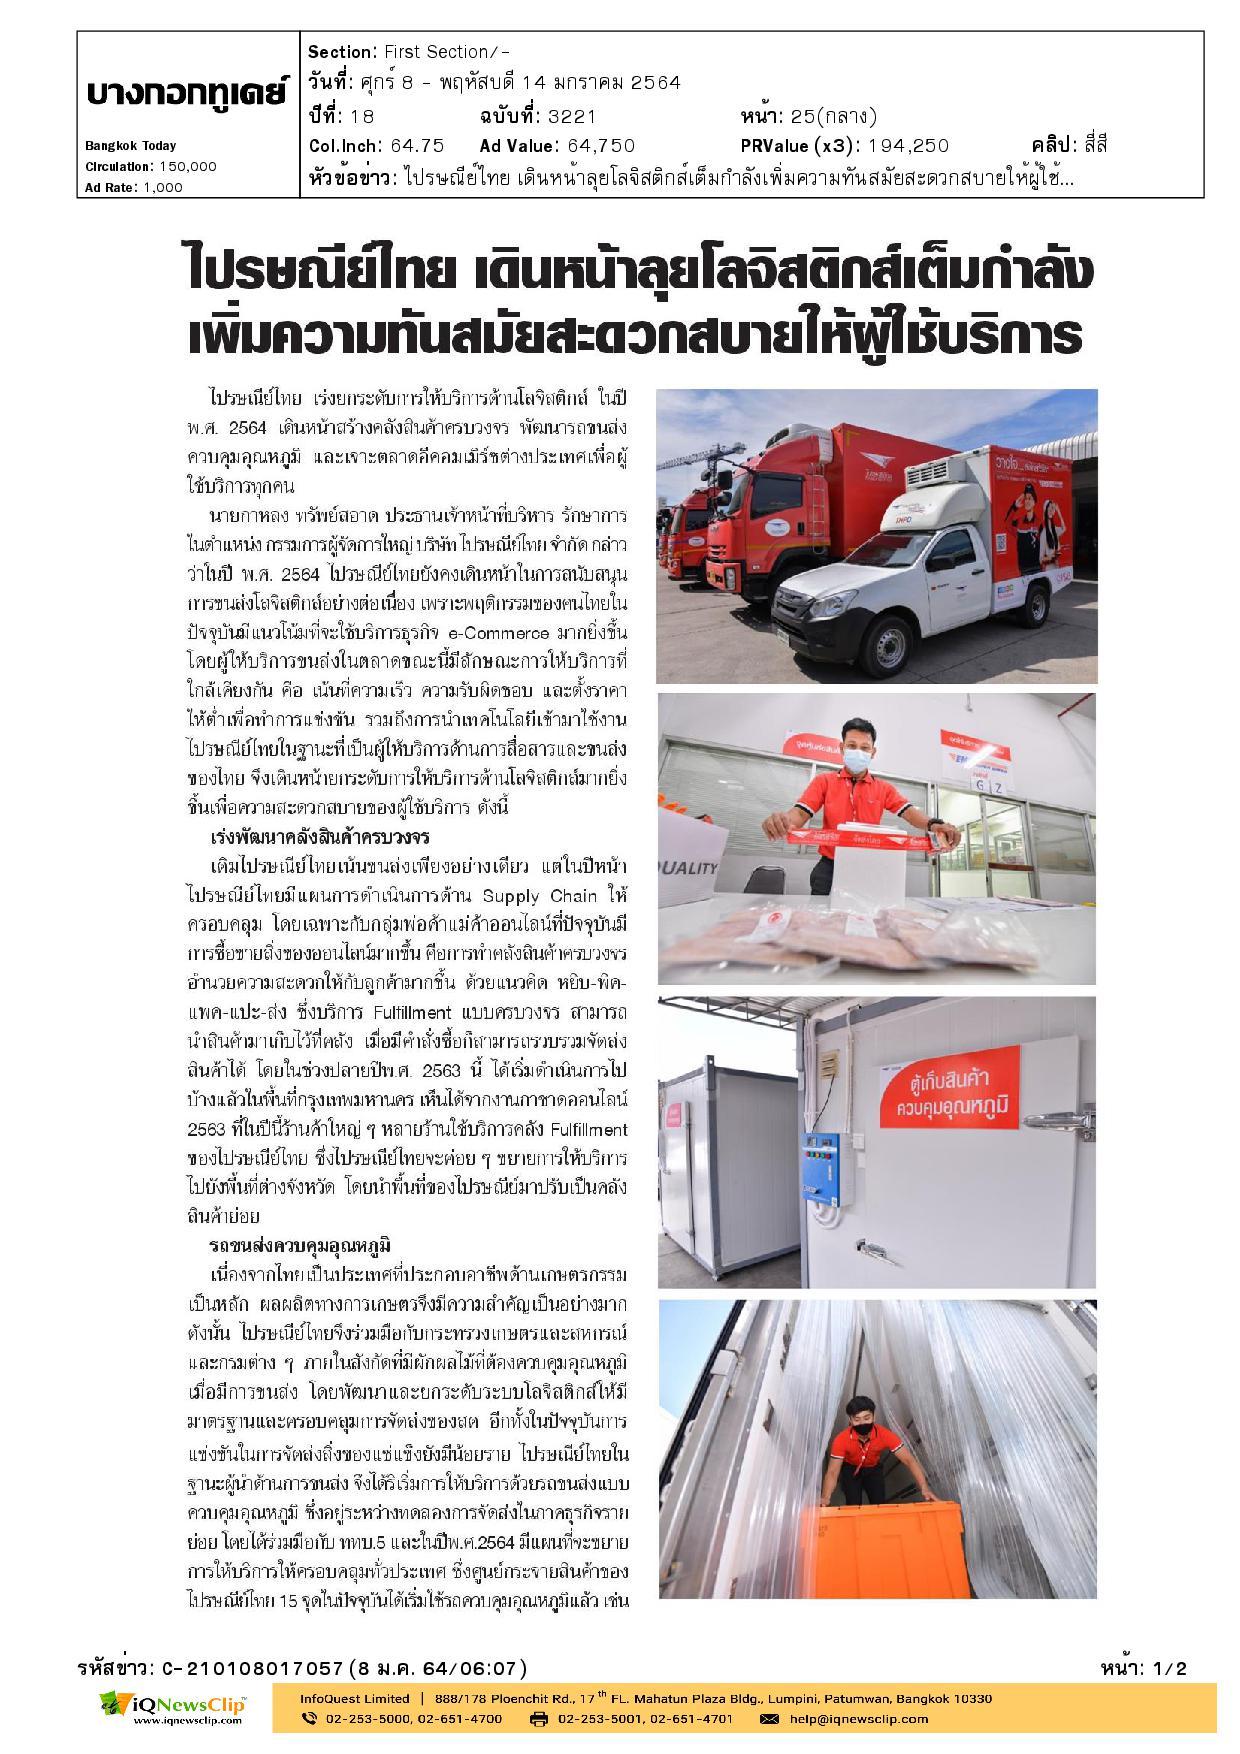 ไปรษณีย์ไทย เดินหน้าลุยโลจิสติกส์เต็มกำลัง เพิ่มความทันสมัยสะดวกสบายให้ผู้ใช้บริการ